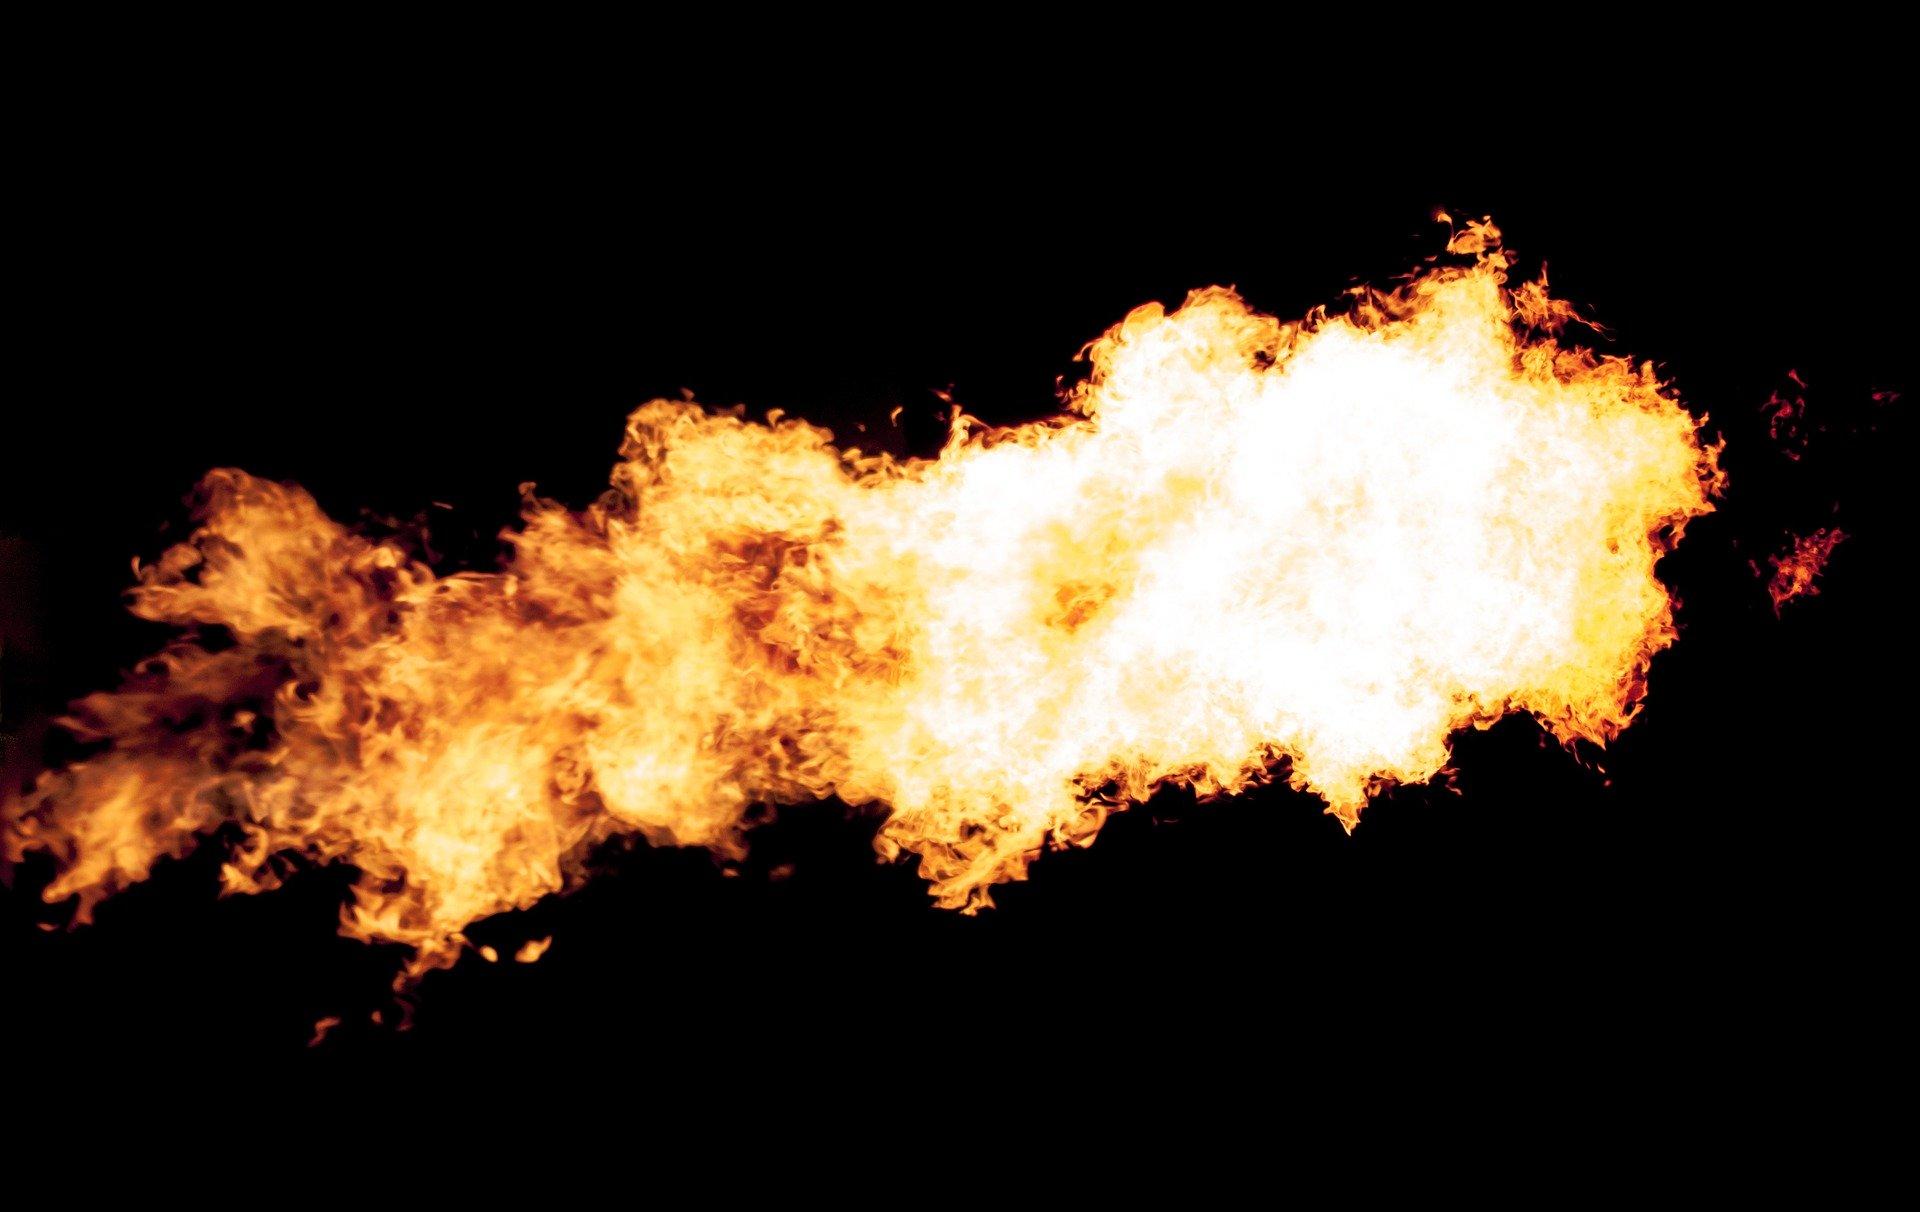 Explosionsschutz & Eigensicherheit